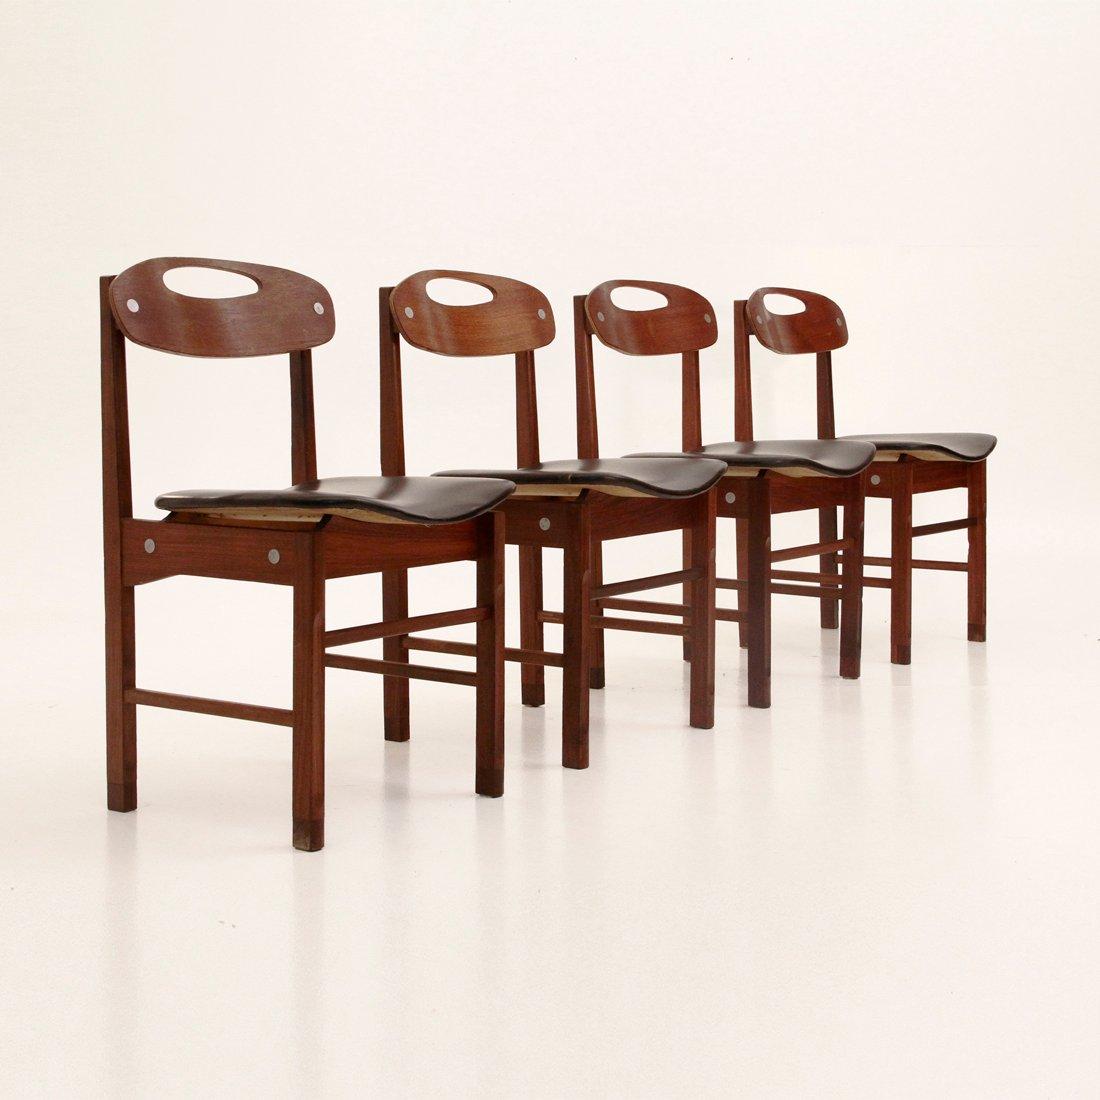 chaises de salon par pillinini italie 1960s set de 4 en vente sur pamono. Black Bedroom Furniture Sets. Home Design Ideas